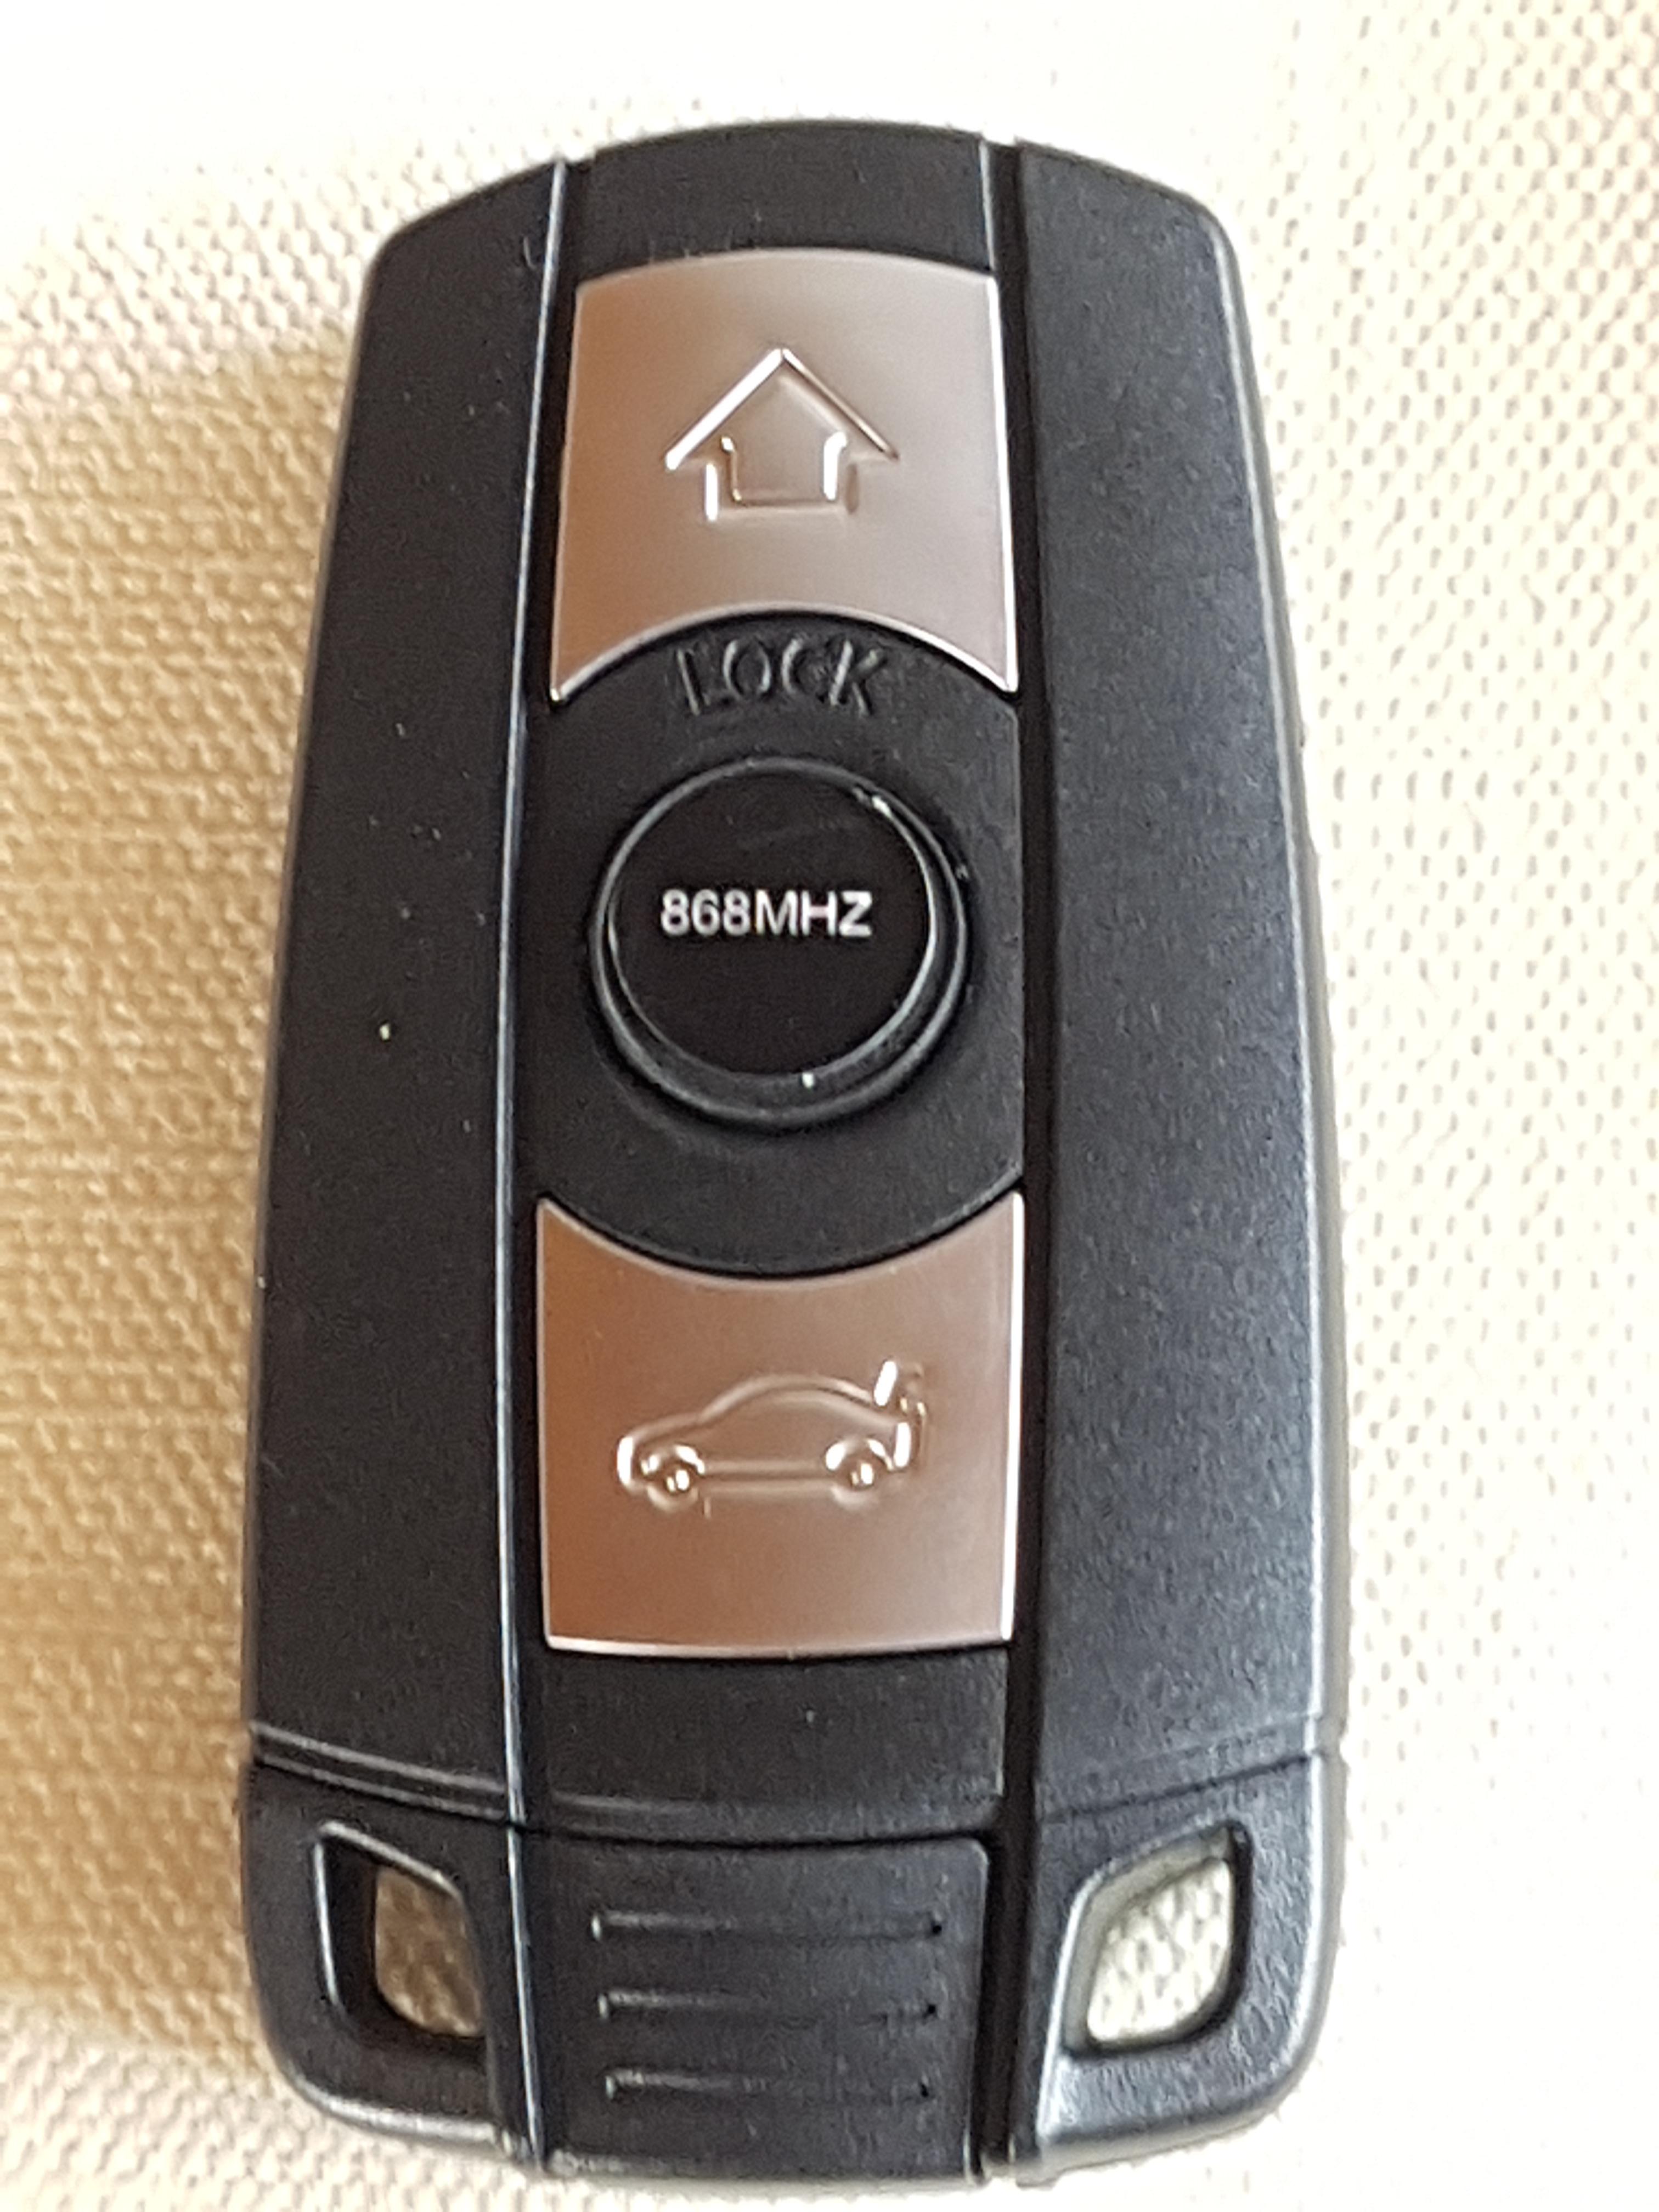 BMW Ersatzschlüssel Autoschlüssel nachmachen